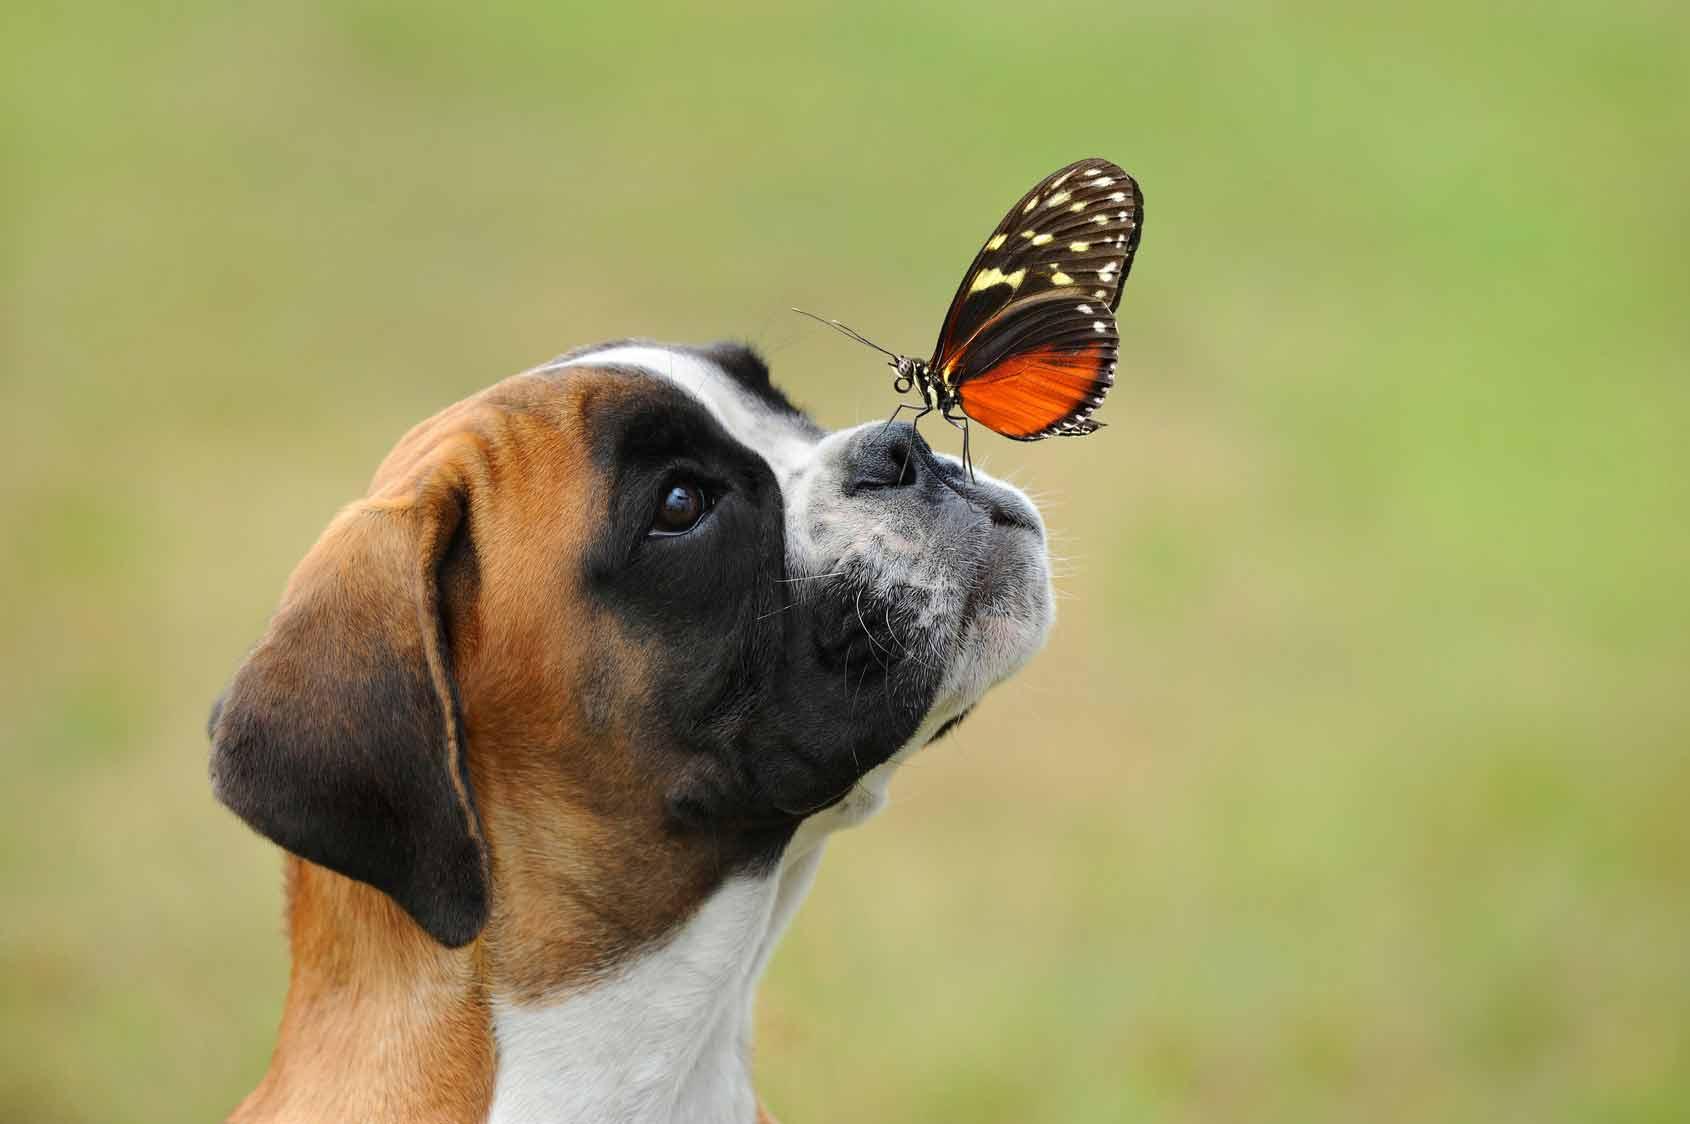 Piqûre guêpe chien, chien piqué par un insecte